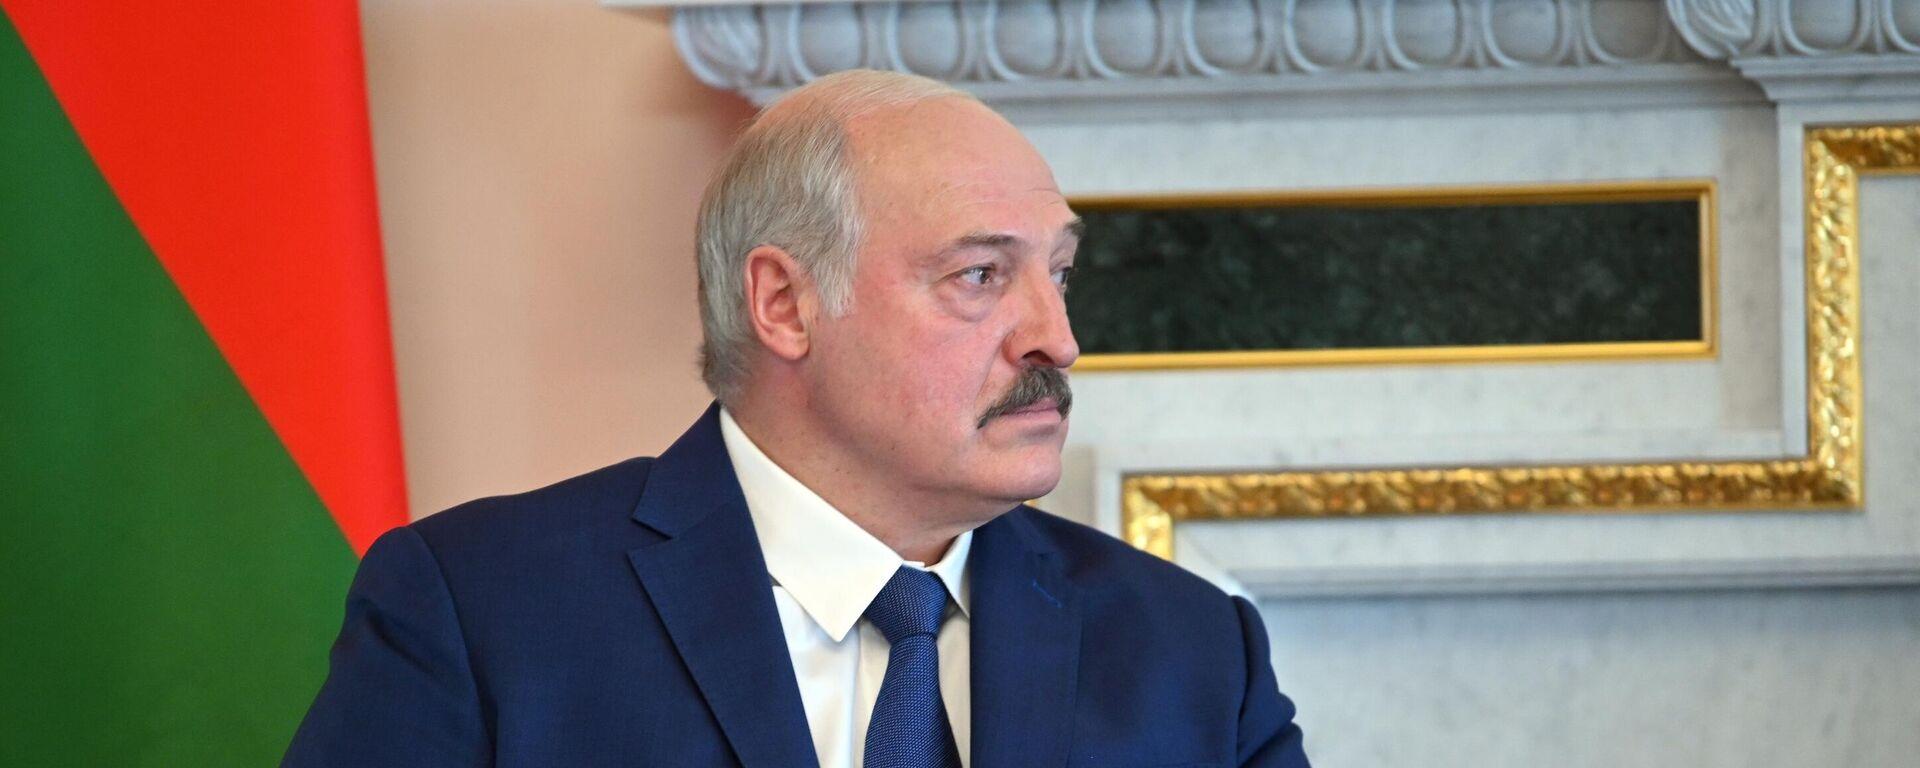 Закрыть каждый метр: Лукашенко жестко отреагировал на ЧП на границе с Литвой - Sputnik Латвия, 1920, 05.08.2021